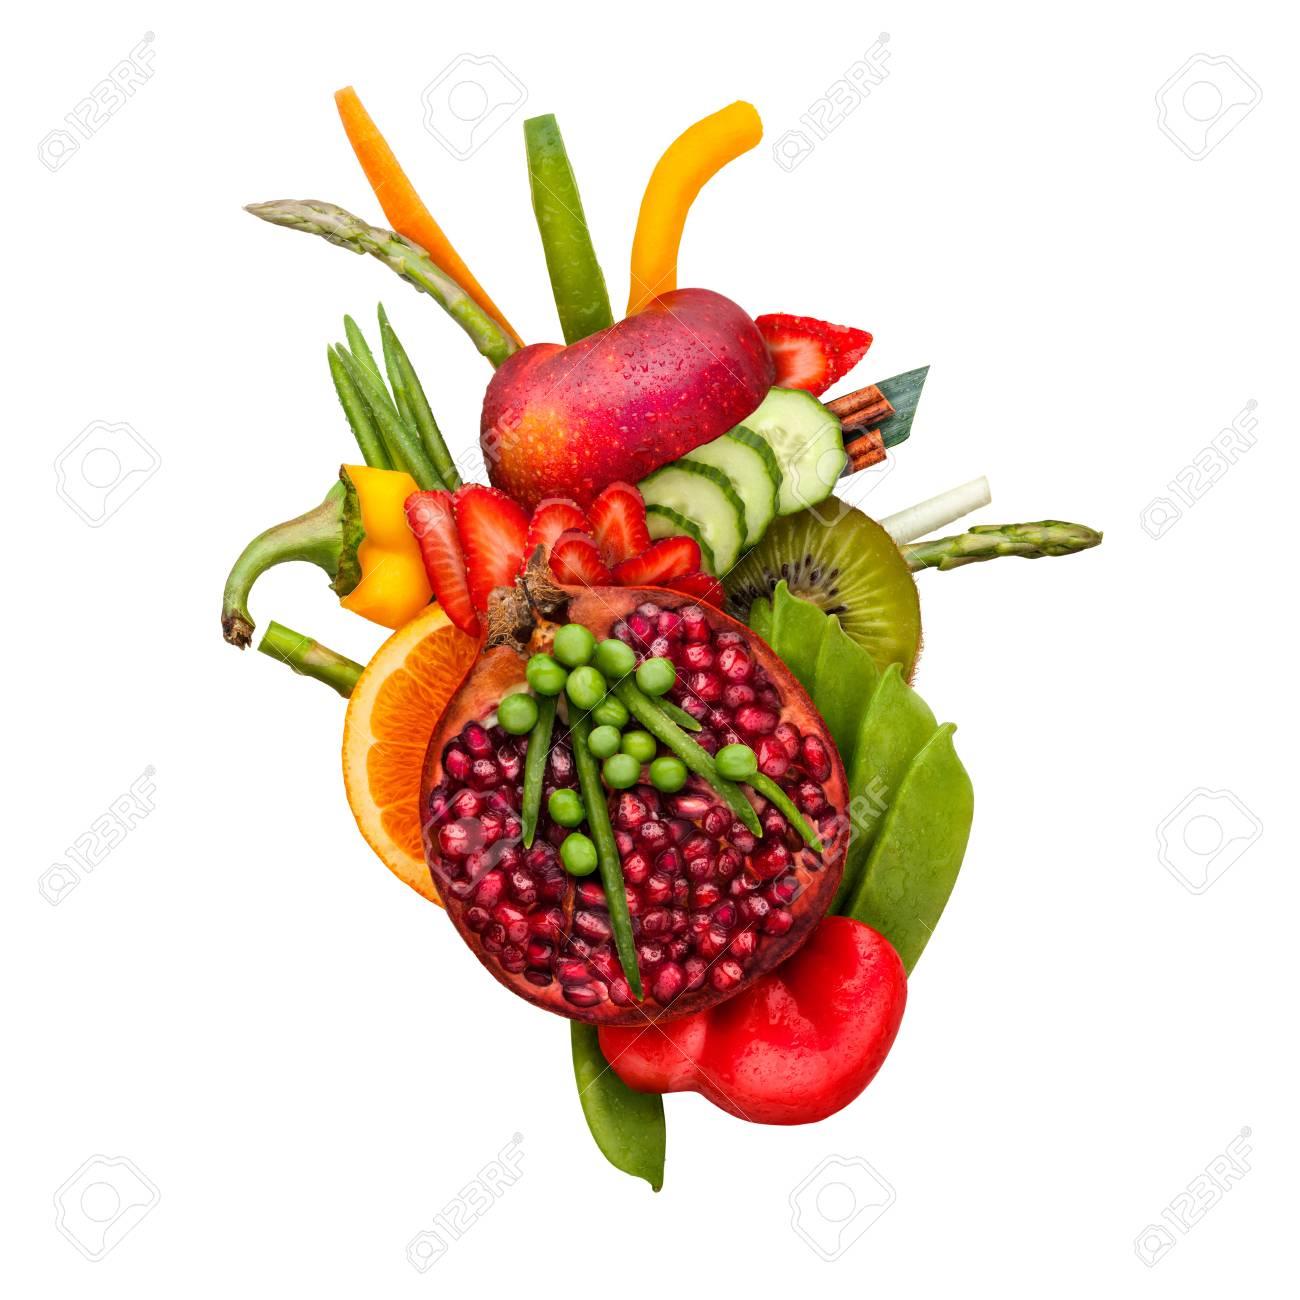 Gesunde Ernährung Konzept Eines Menschlichen Herzens Aus Früchten ...